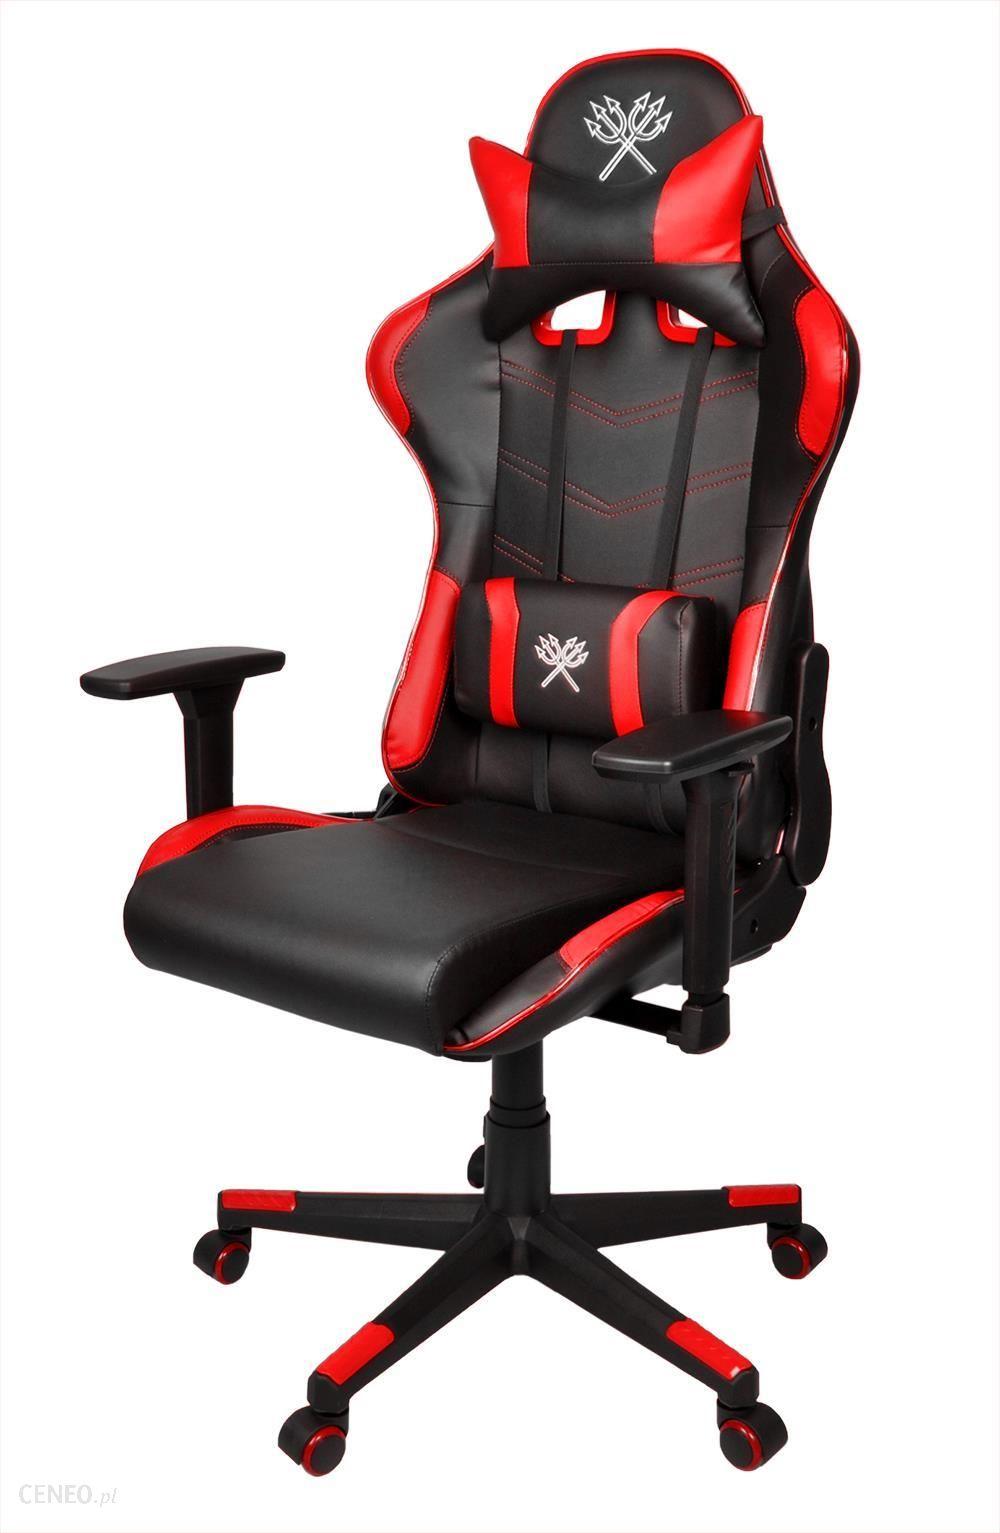 Fotel Dla Gracza Iso Trade Fotel Gamingowy Led Czarno Czerwony Malatec Ceny I Opinie Ceneo Pl